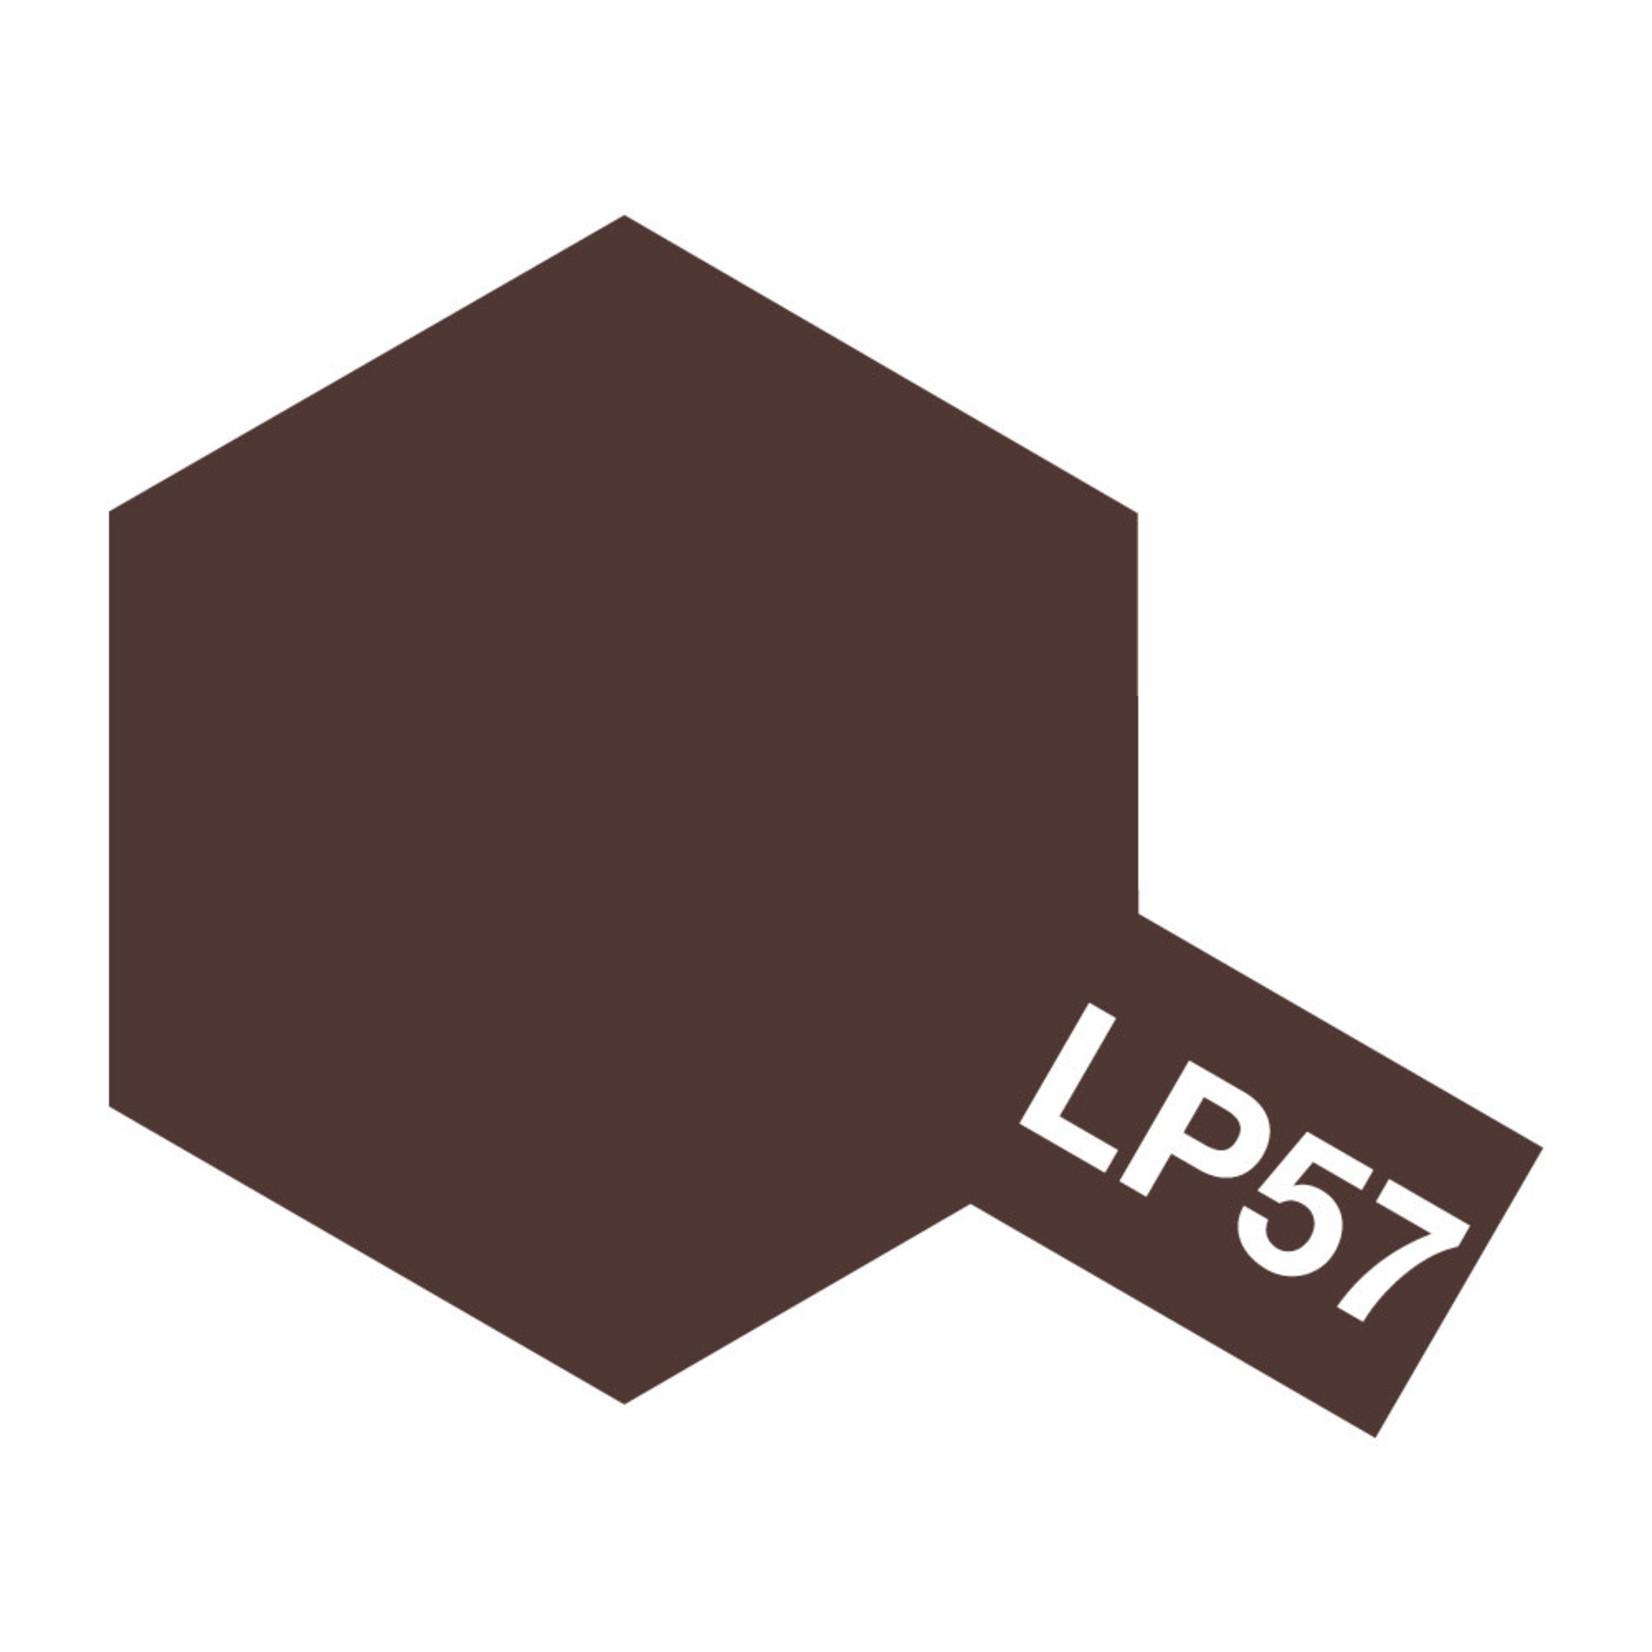 Tamiya TAMLP57 Lacquer Red Brown 2 (10ml)